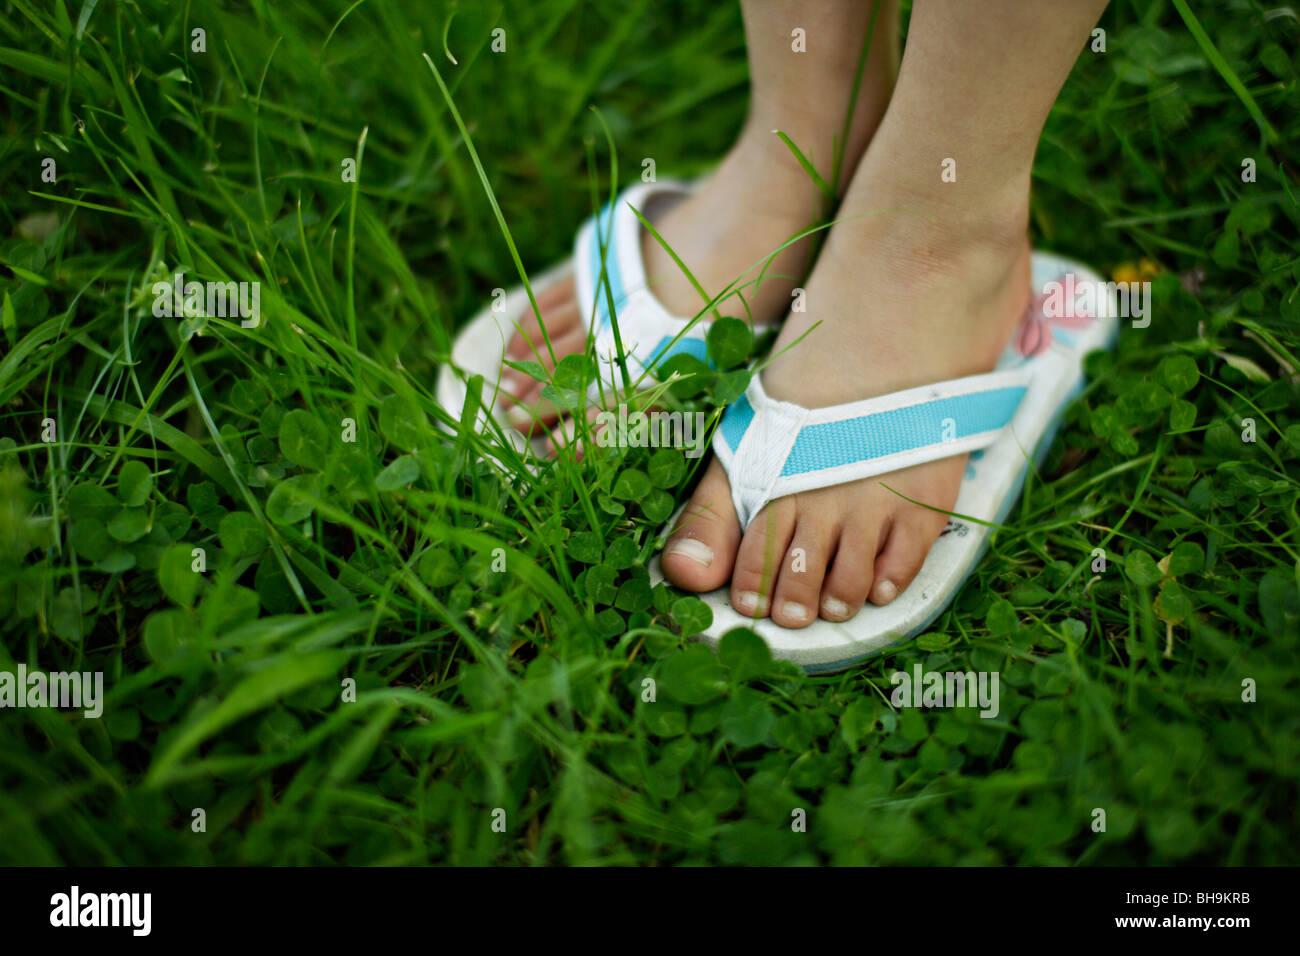 6 anno vecchia ragazza con flip flop di erba Immagini Stock